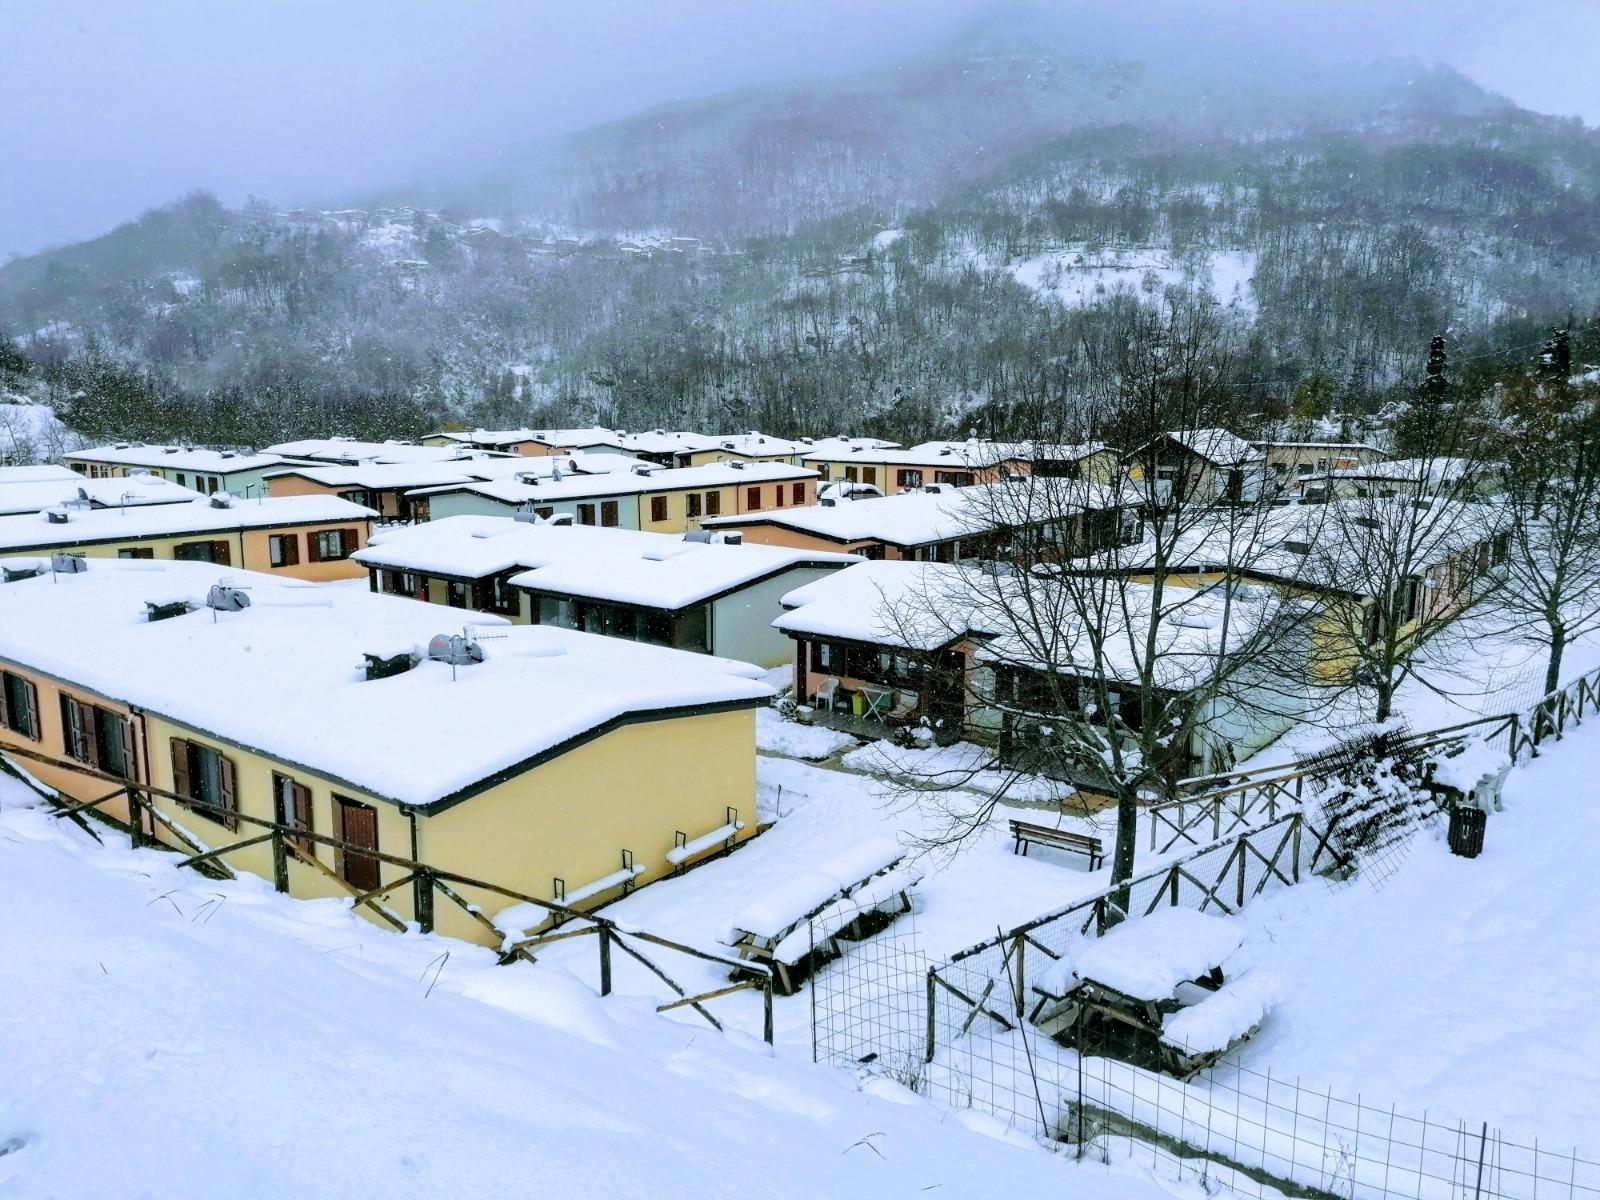 Borgo 1, complesso di soluzioni abitative emergenziali, ad Arquata del Tronto